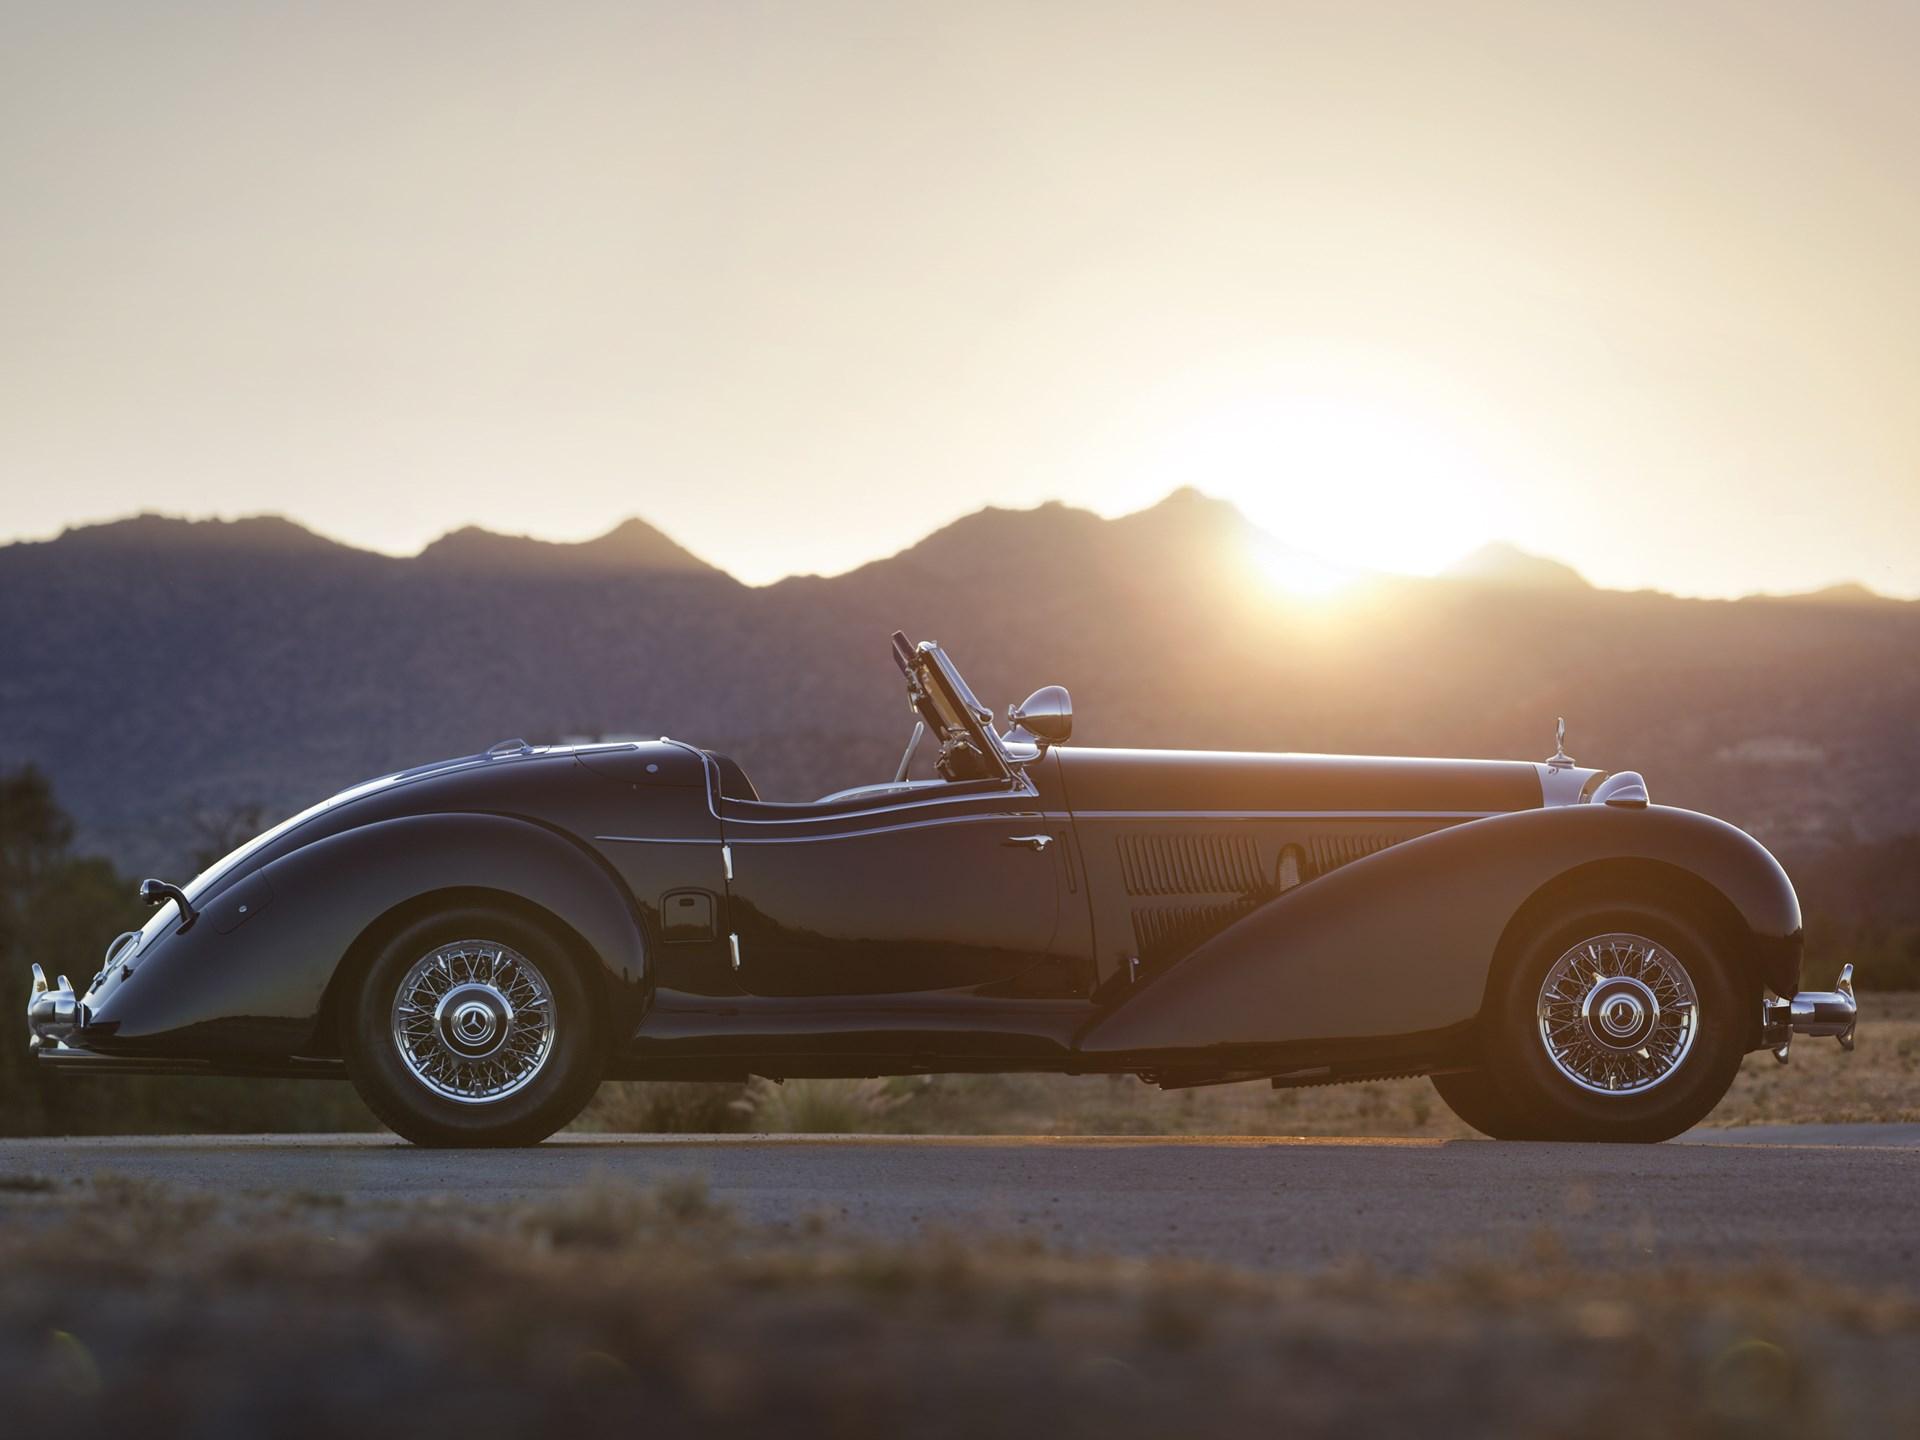 1939 Mercedes-Benz 540k side profile sunset